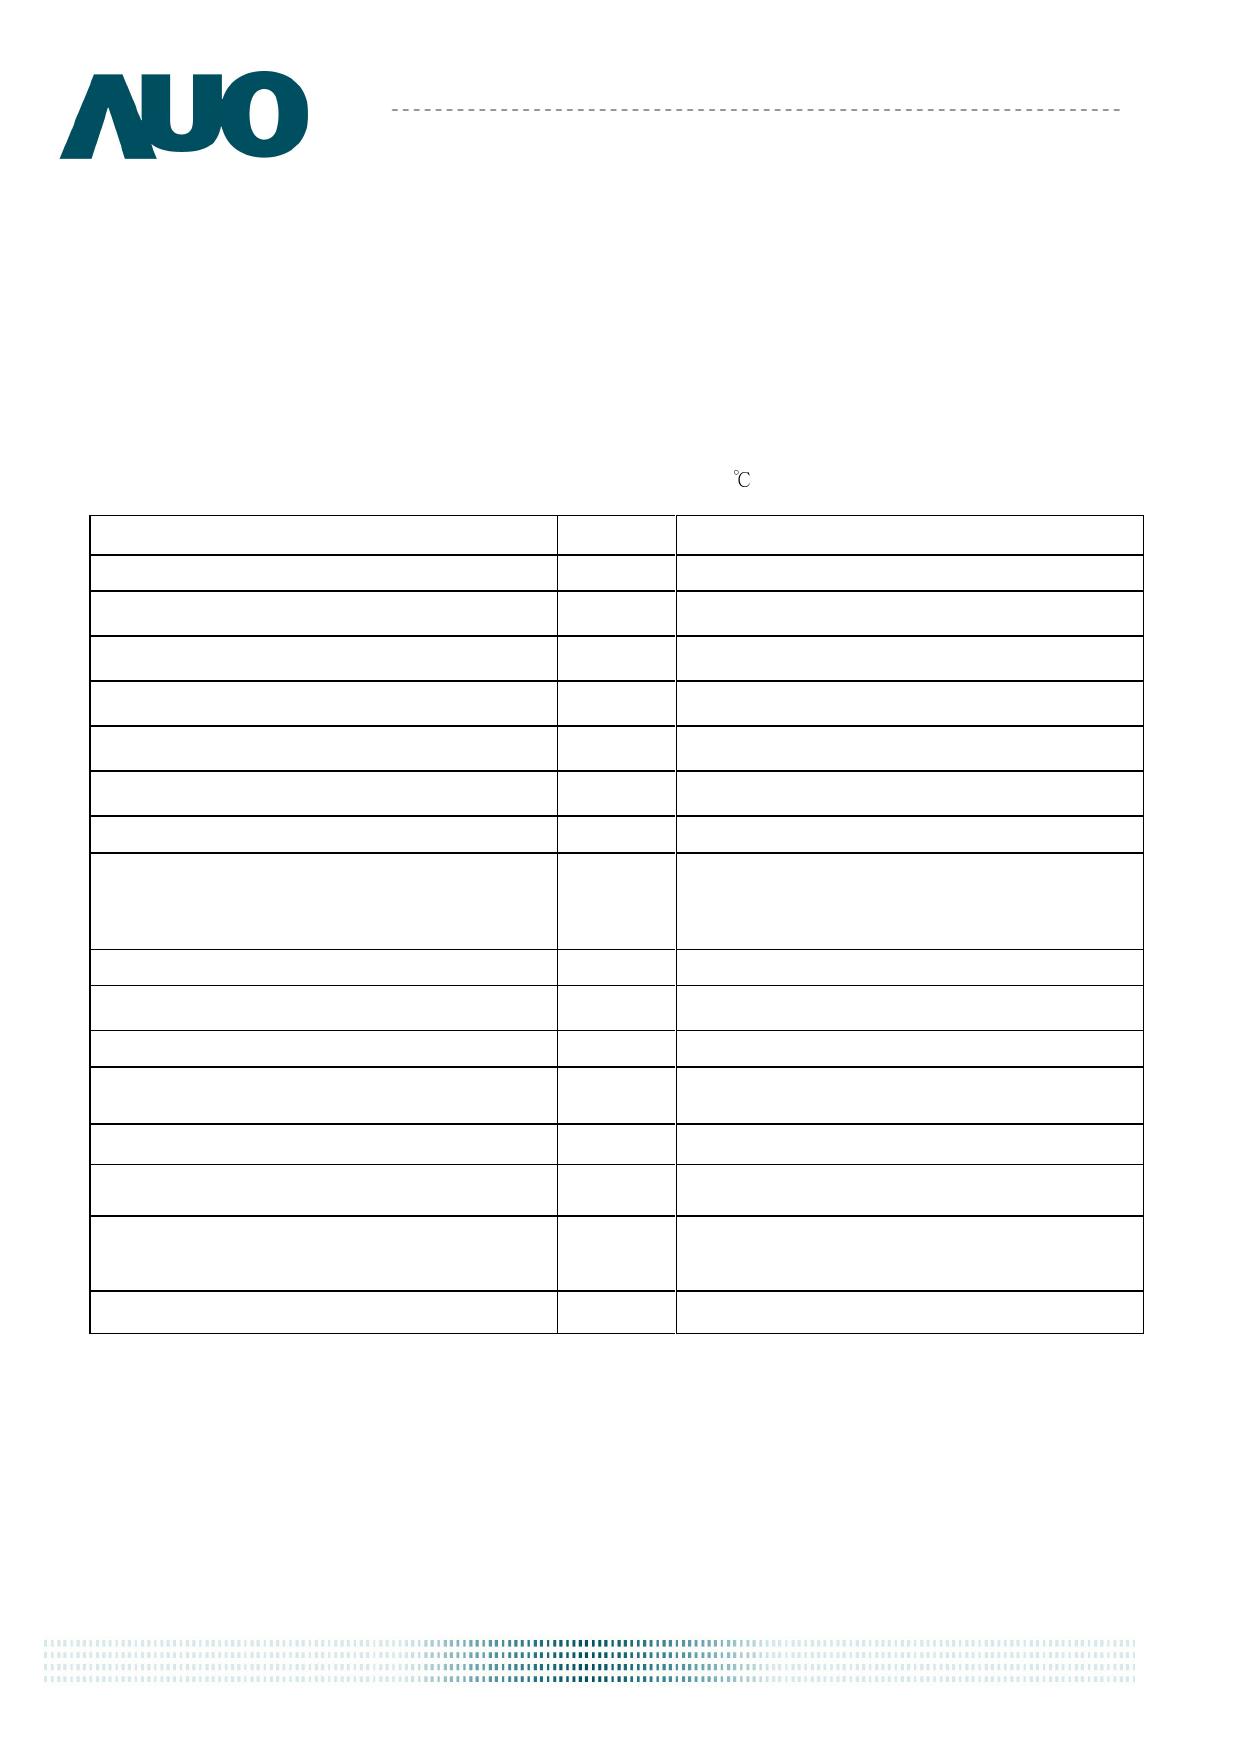 G065VN01-V1 pdf, arduino